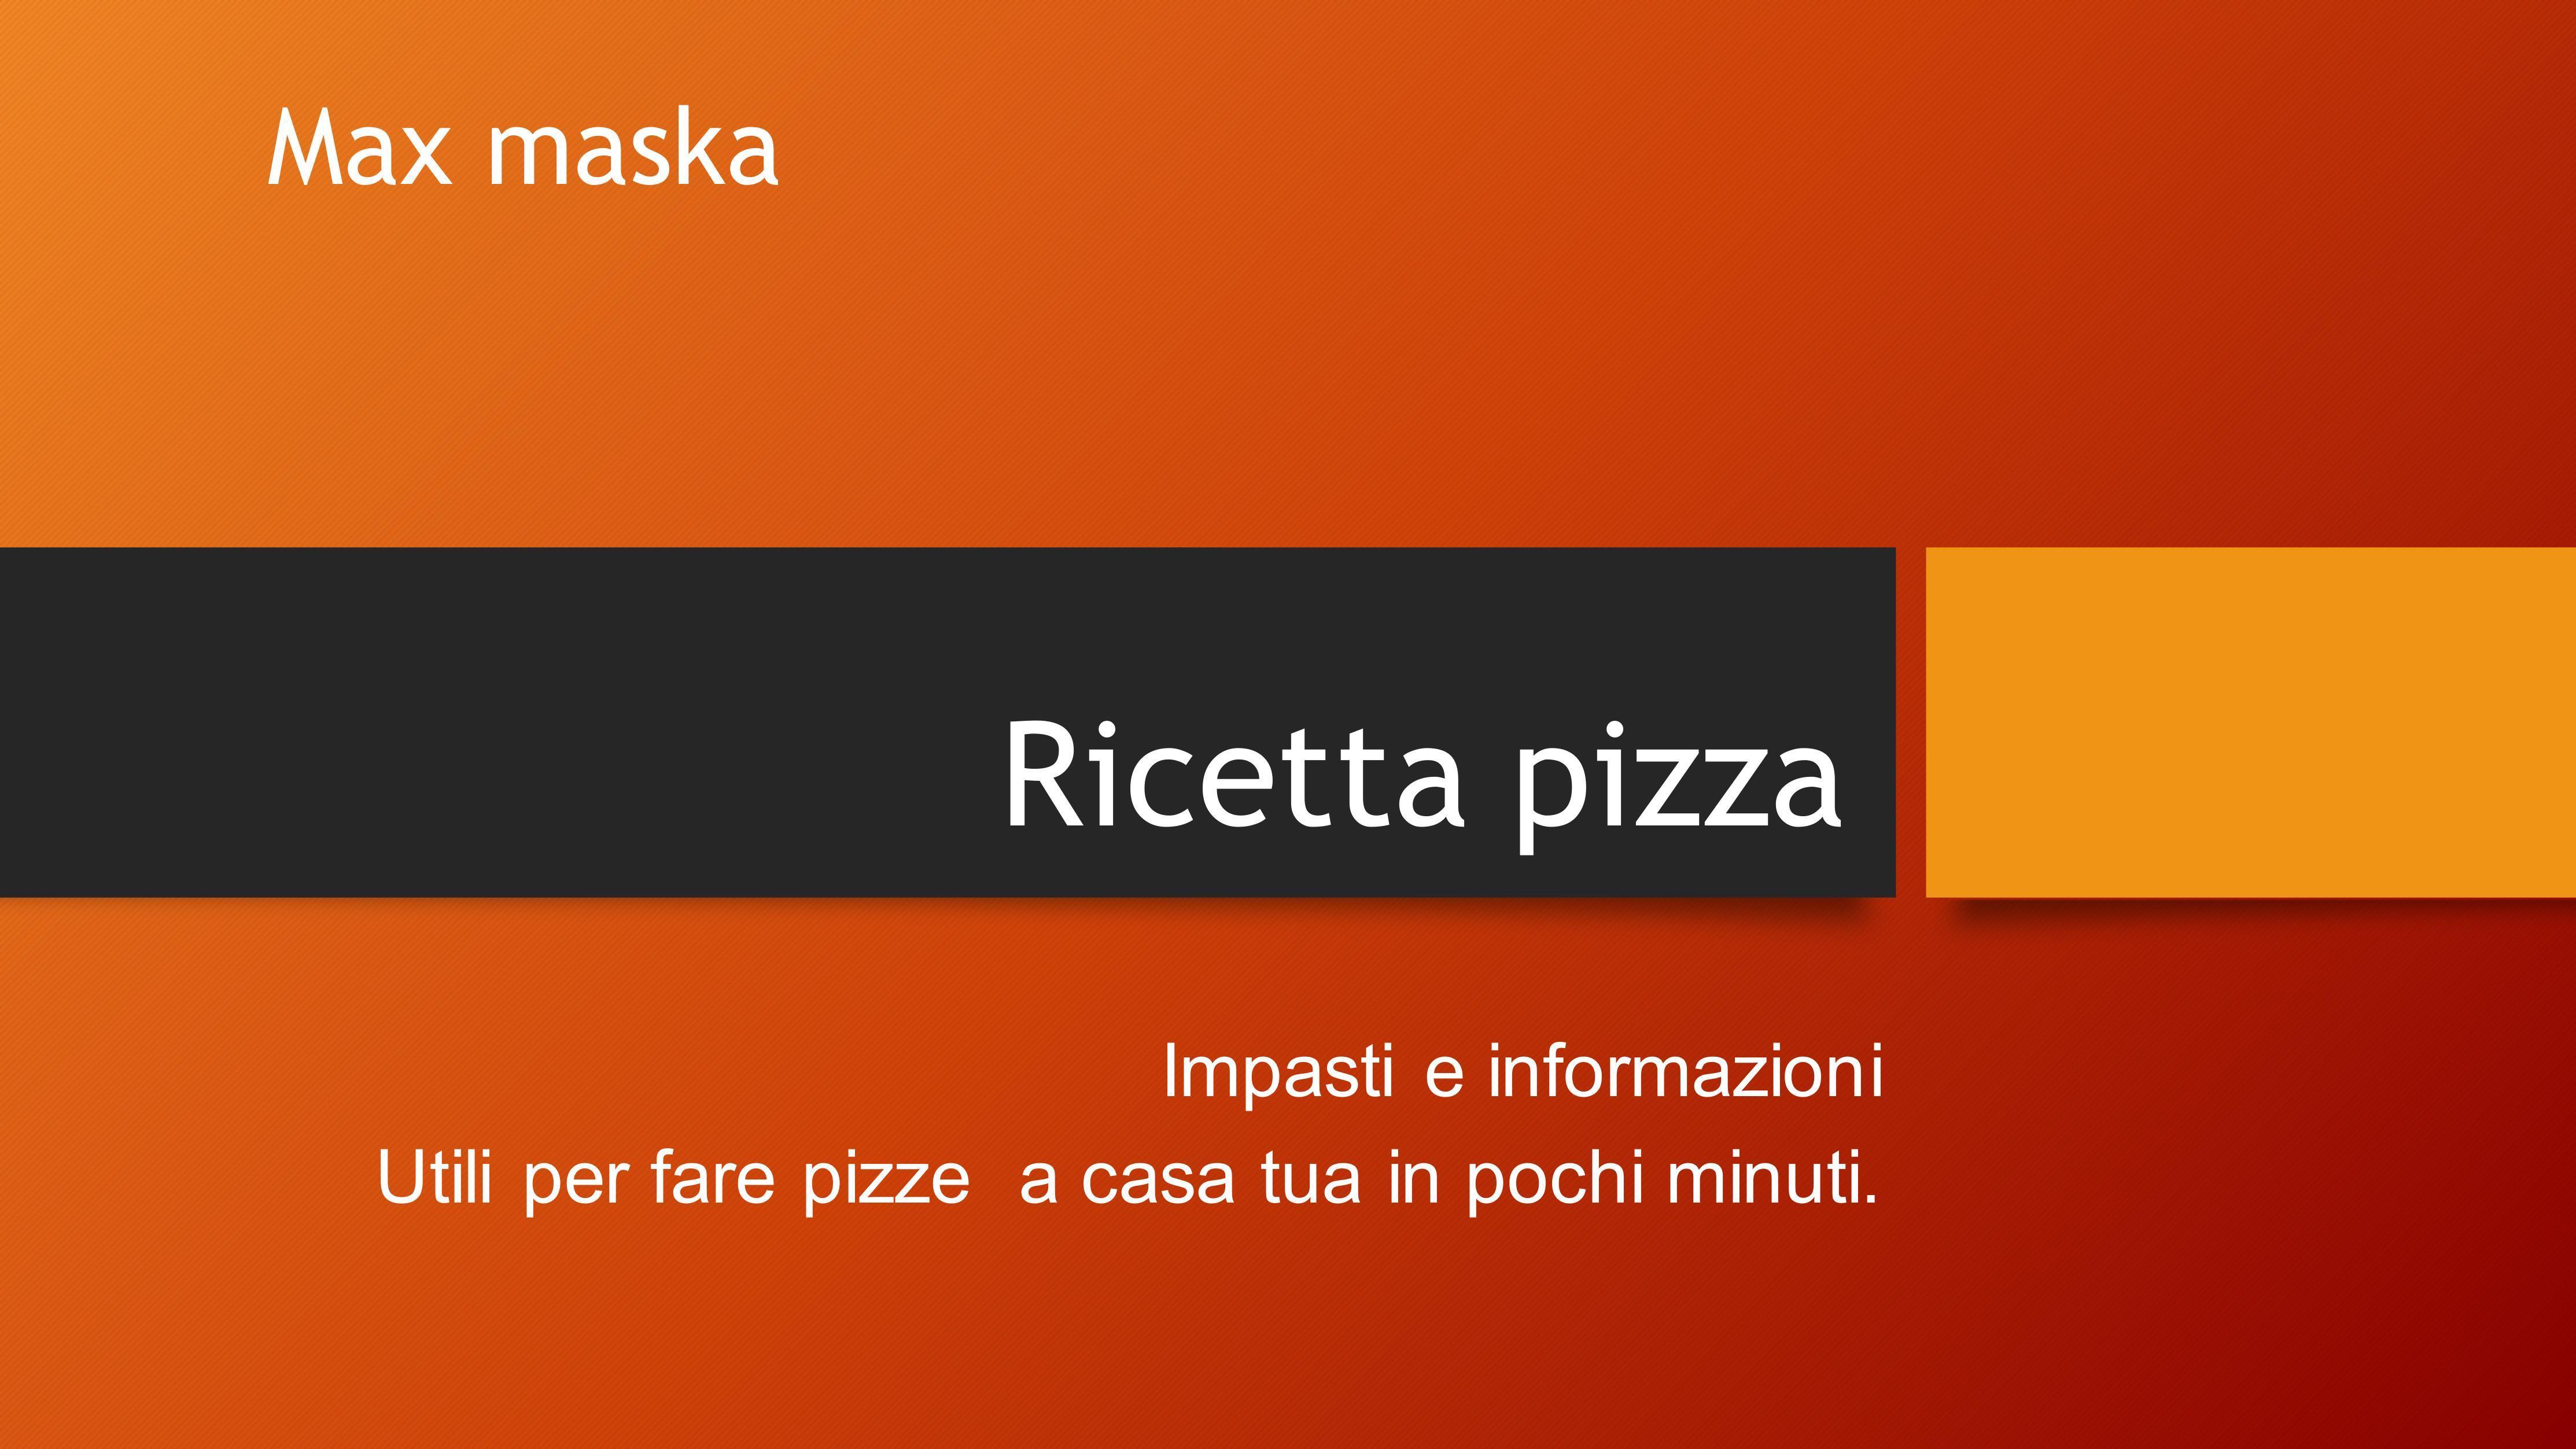 Ricetta pizza - Impasti e informazioni utili per fare pizze a casa tua in pochi minuti.